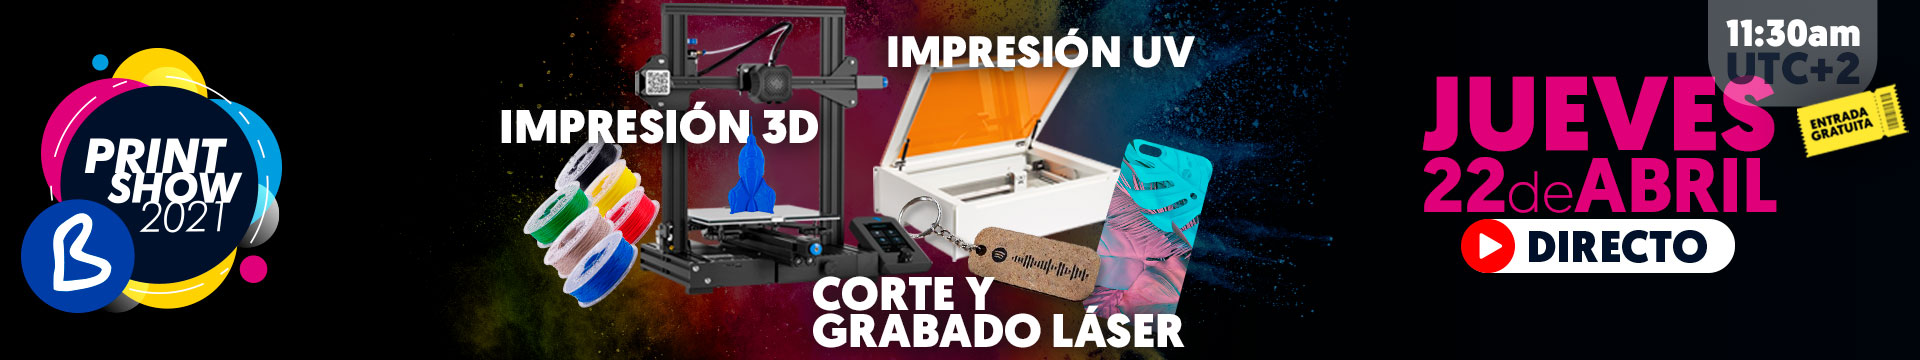 Directo Impresión UV, Impresión 3D, Corte y grabado láser - Jueves 22